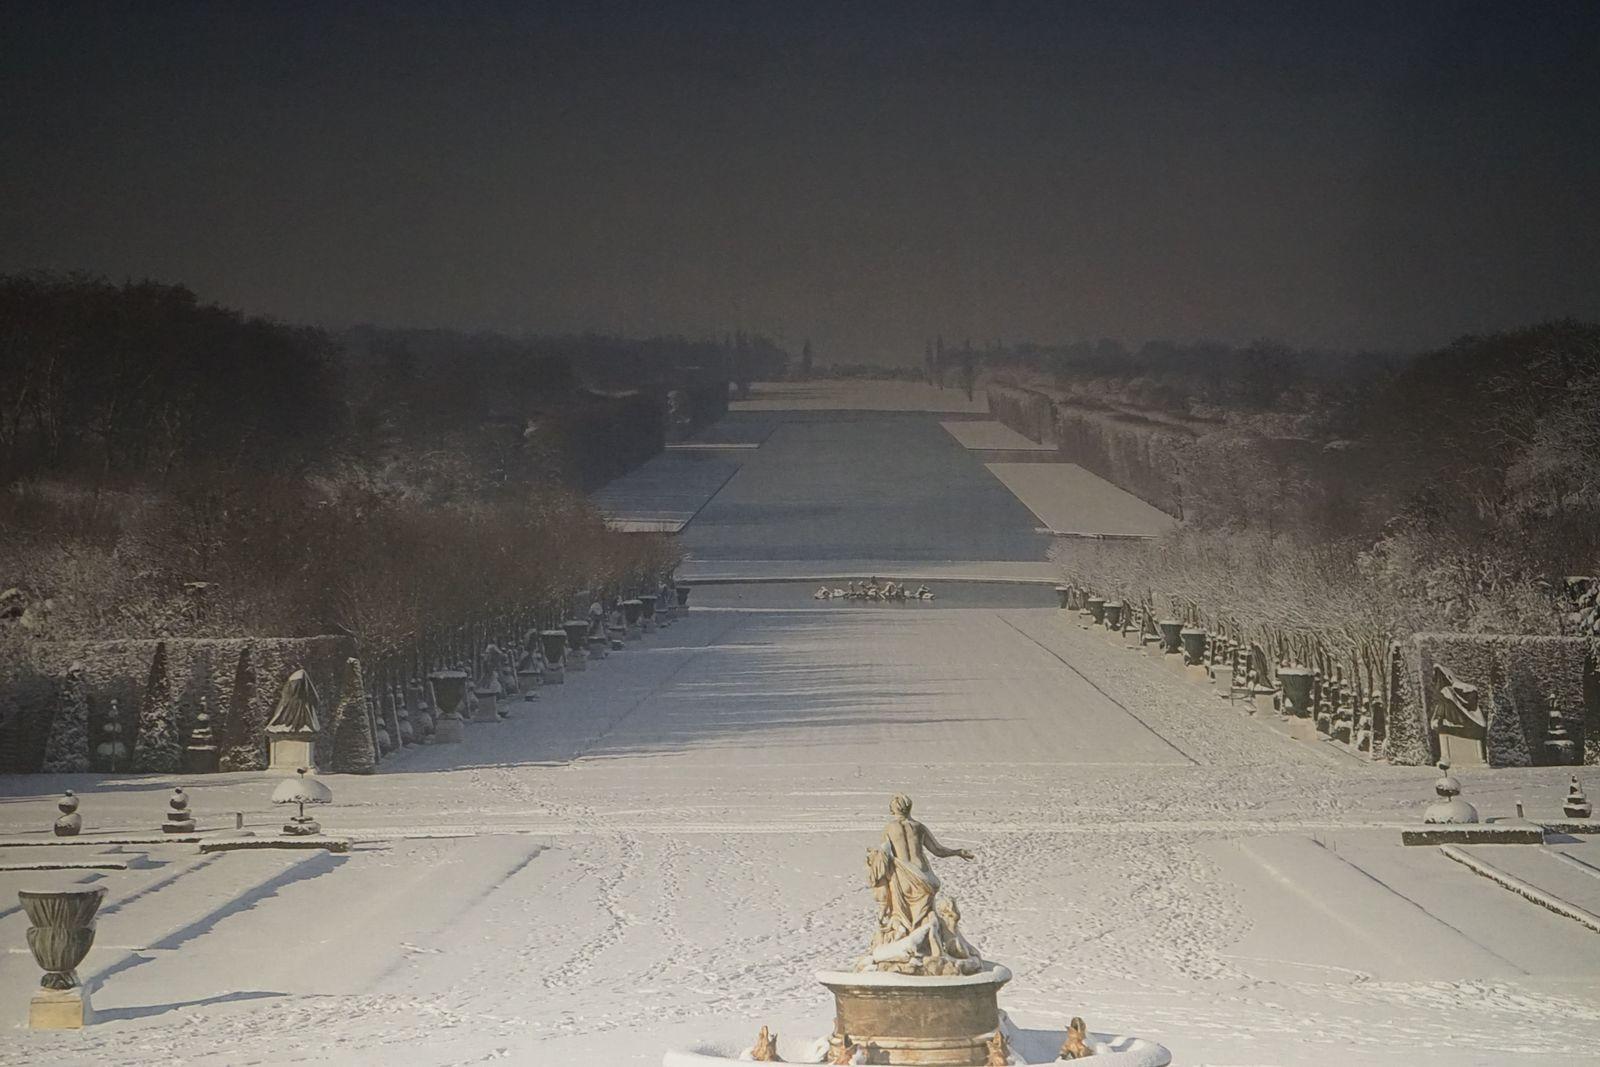 Chutes de neige monstres sur Versailles, tout est bloqué.